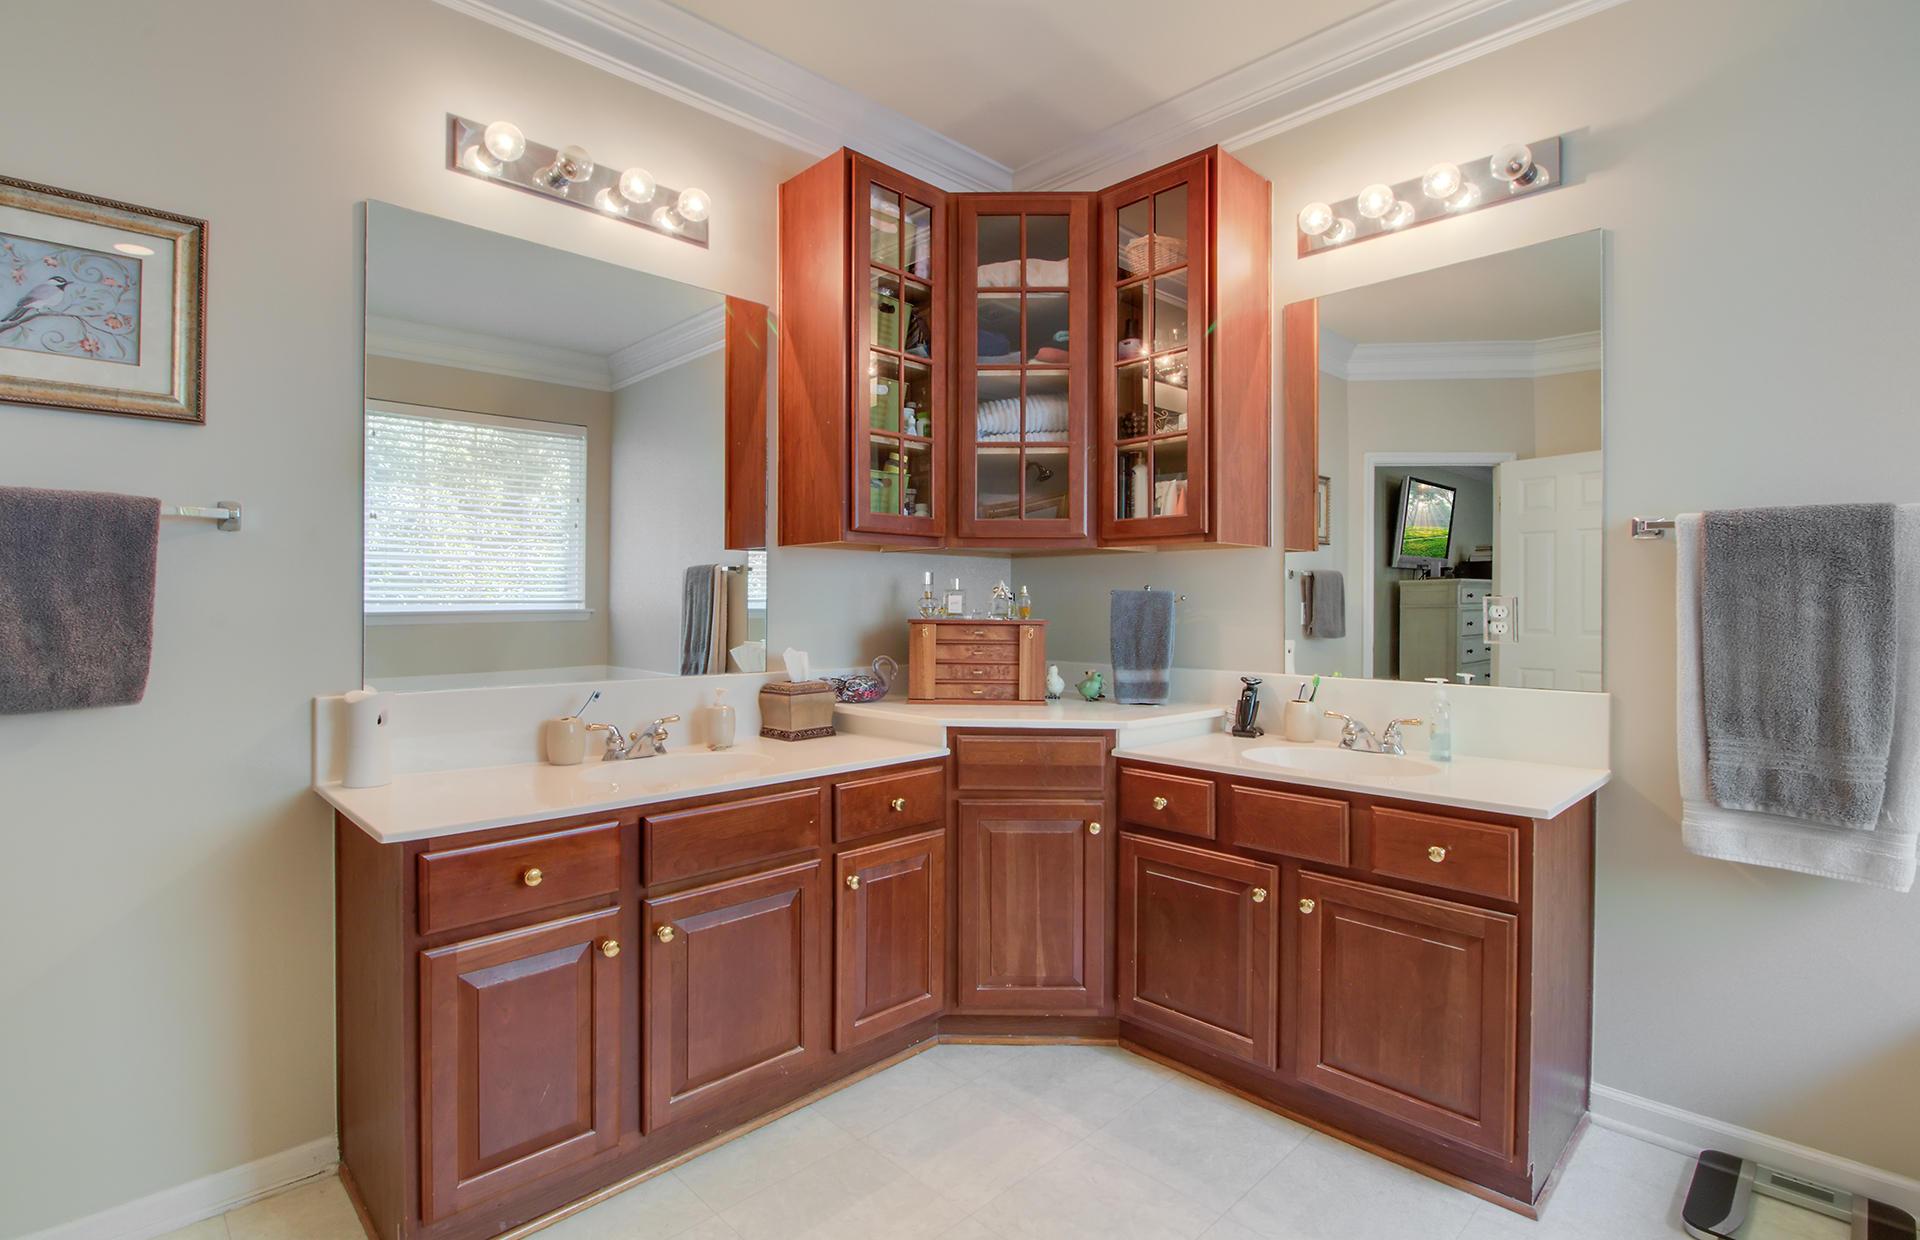 Park West Homes For Sale - 2500 Draymohr, Mount Pleasant, SC - 16